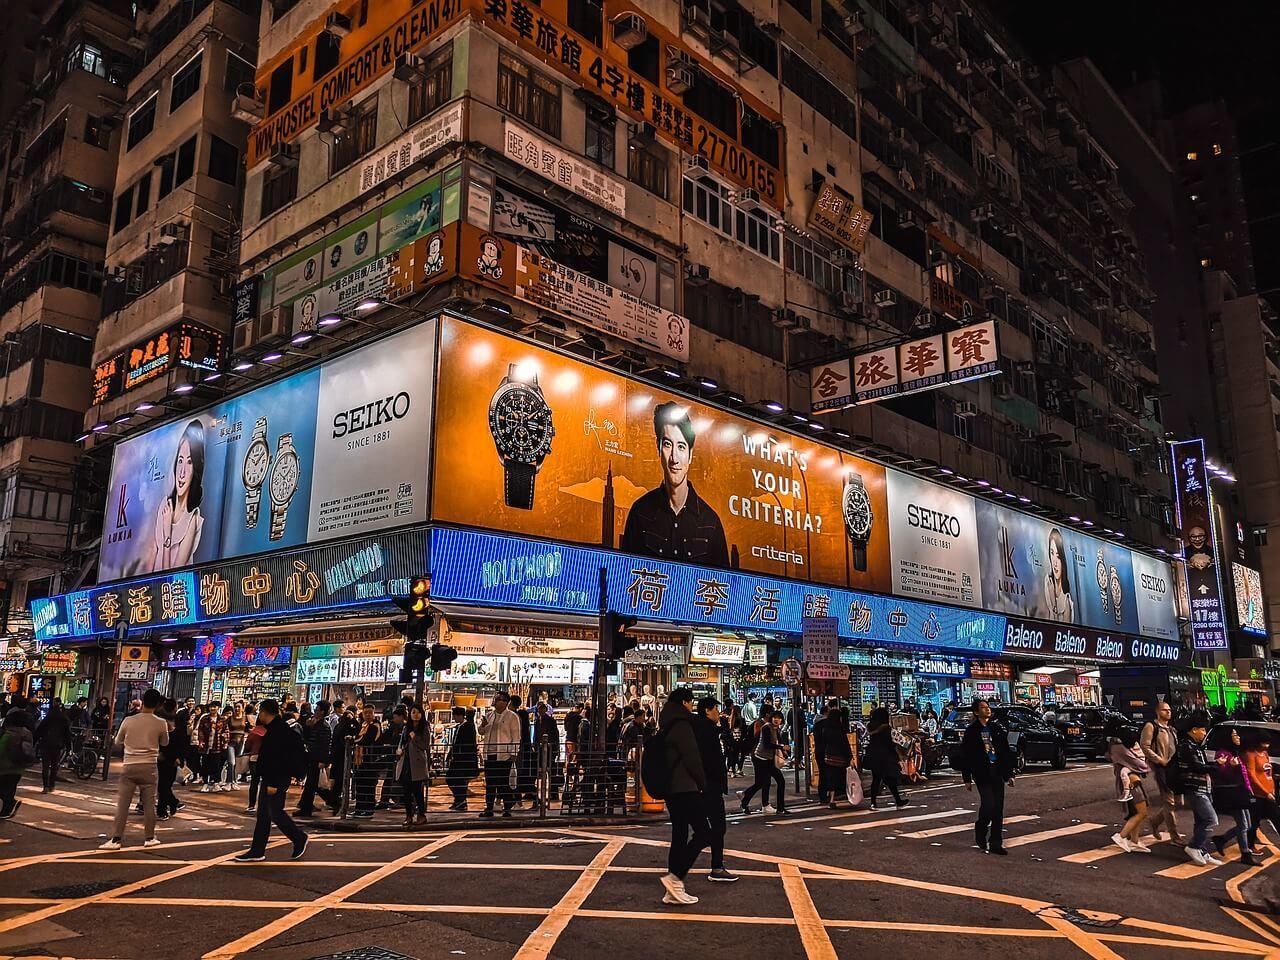 Mong Kok, Hong Kong, at night